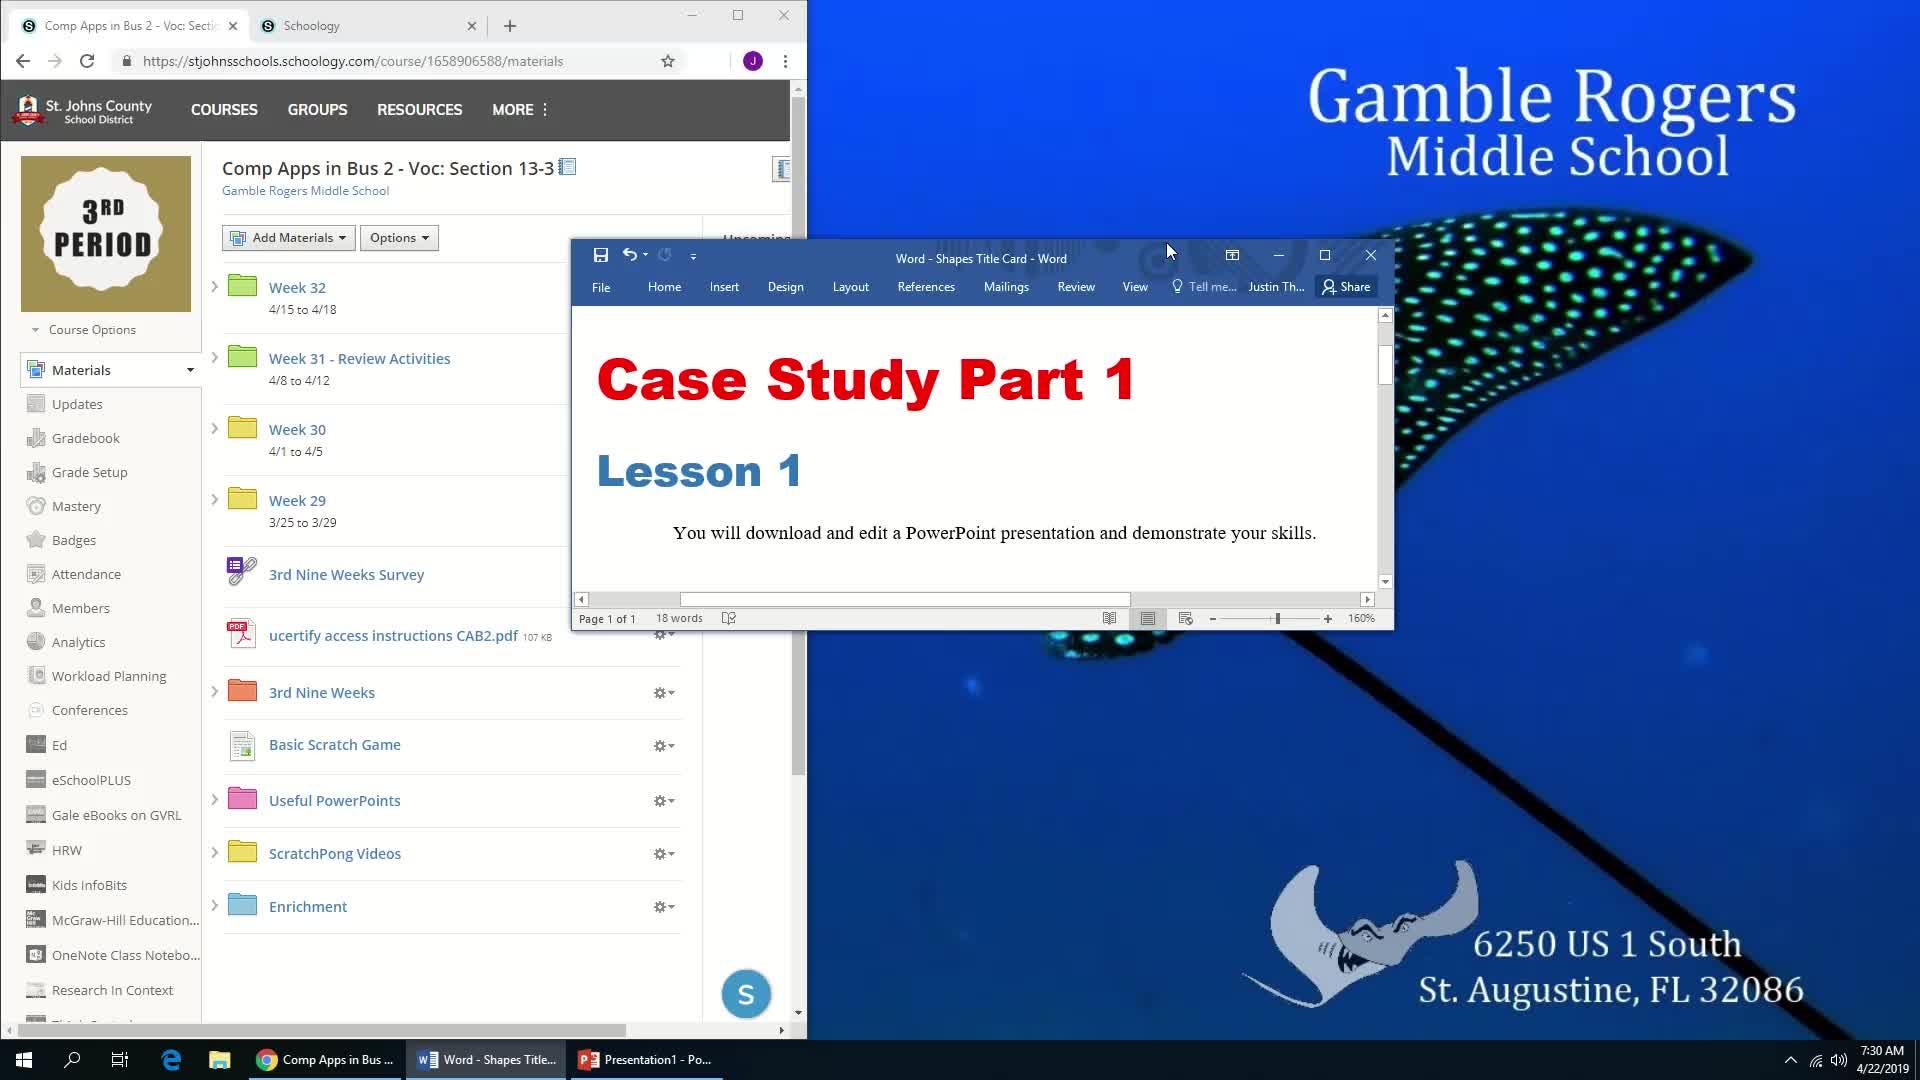 MultiMedia Essentials - Case Study 1 part1